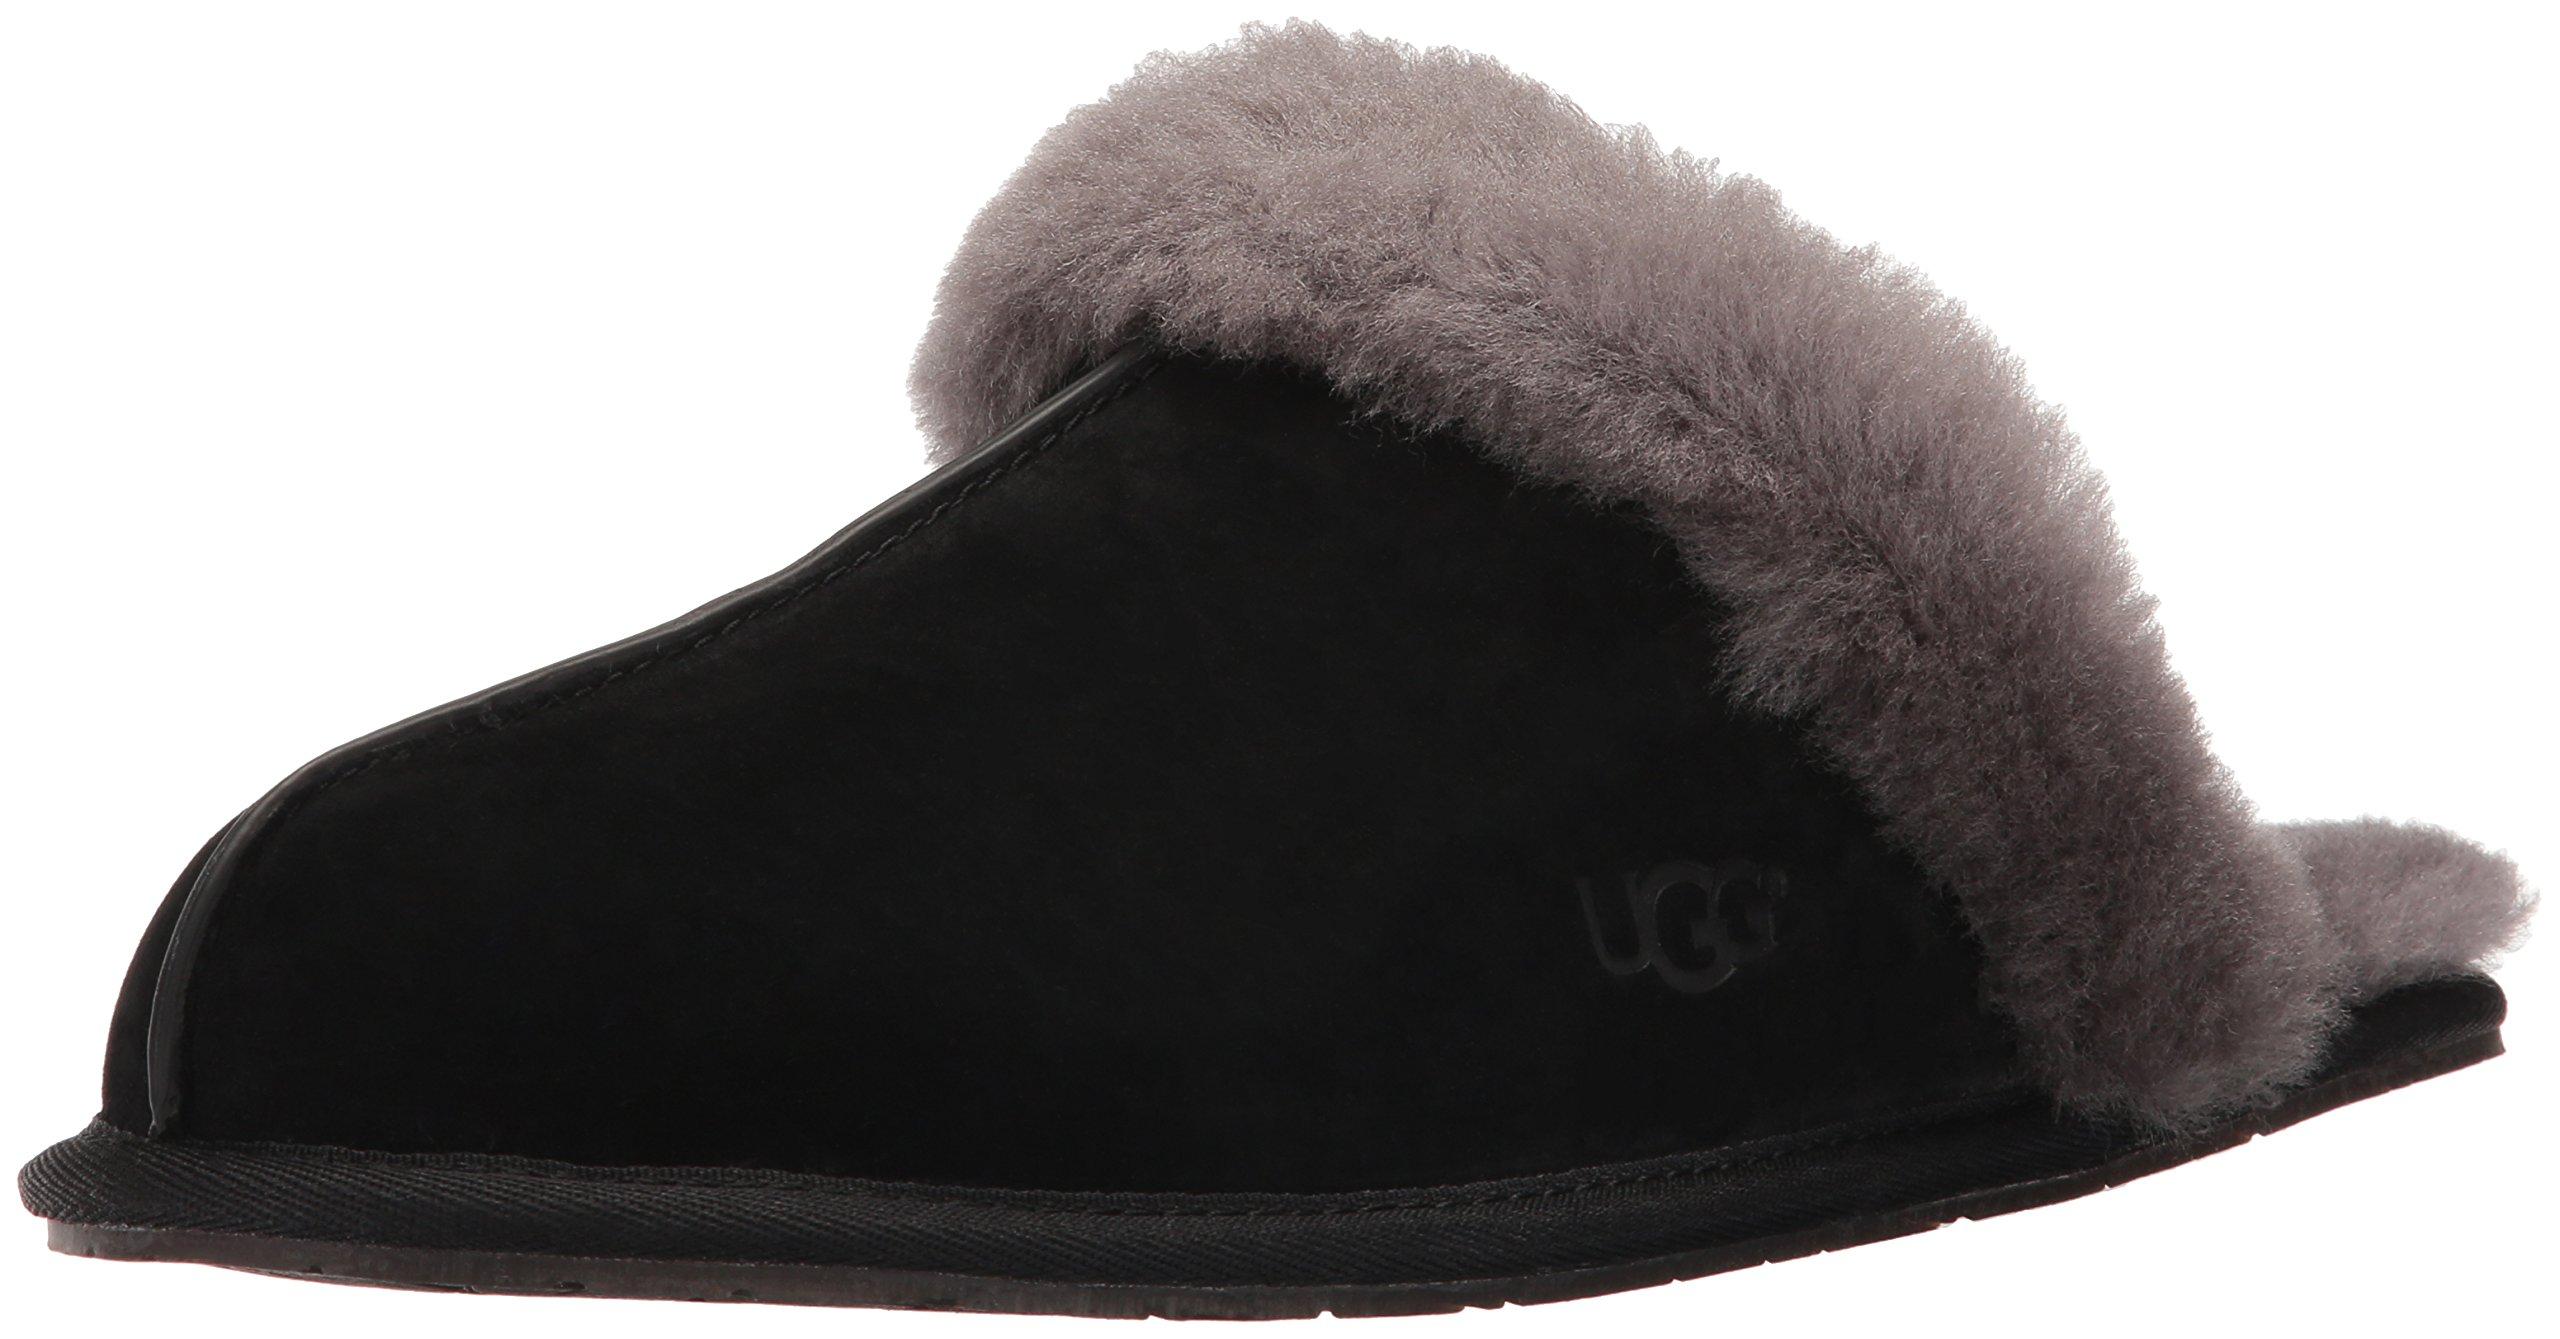 UGG Women's Scuffette Ii Fashion Sneaker, Black/Grey, 6 M US